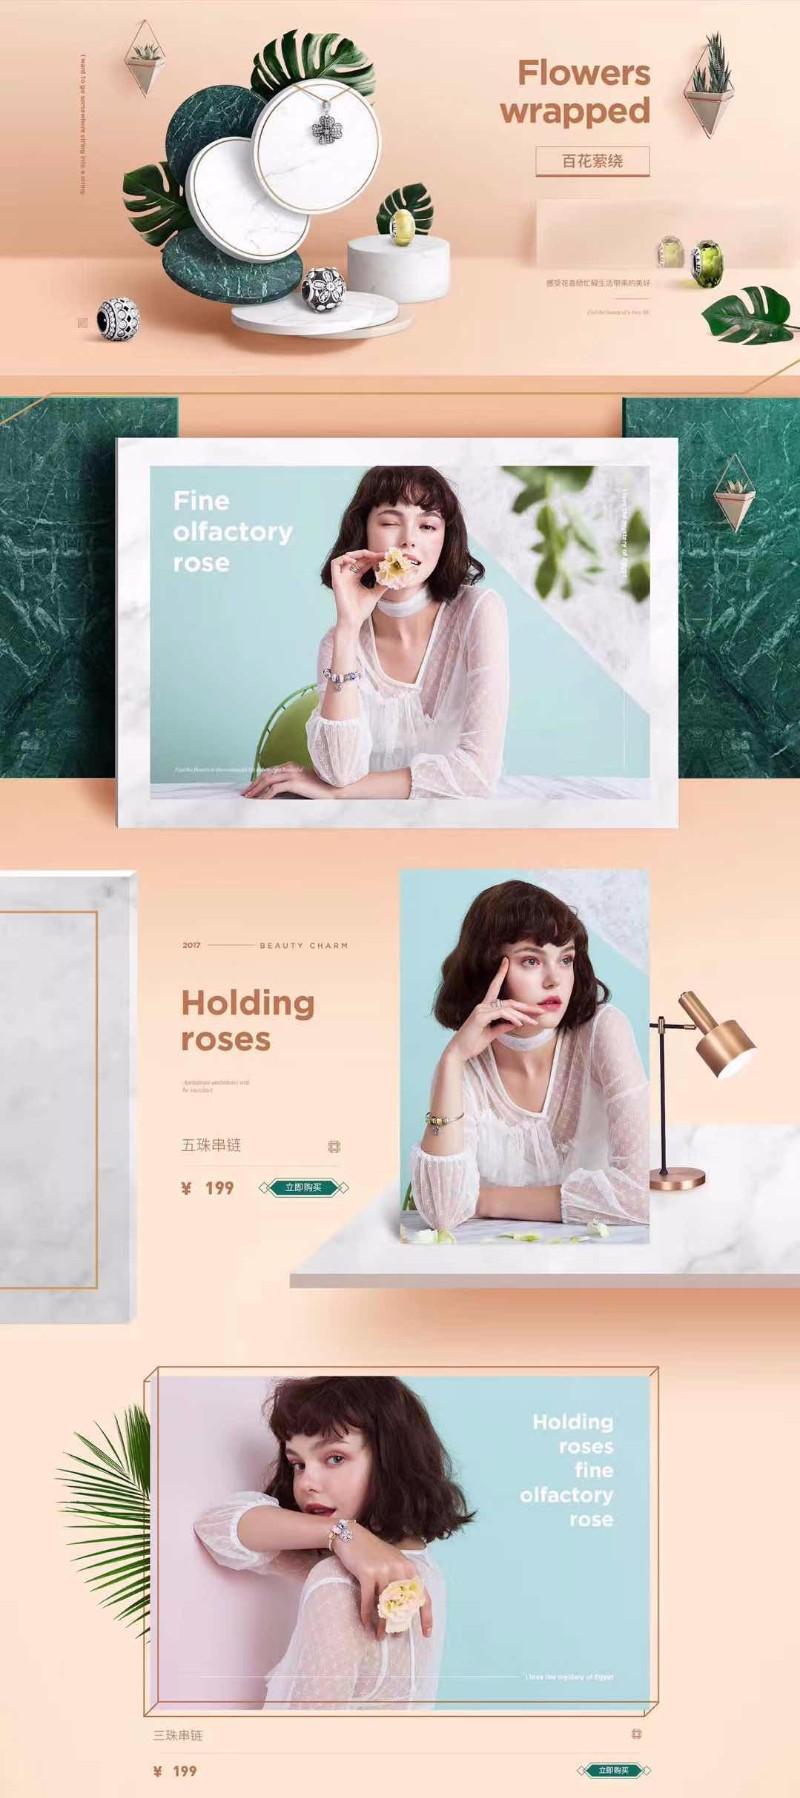 阿里巴巴淘宝京东天猫网店设计推广代运营上产品推广